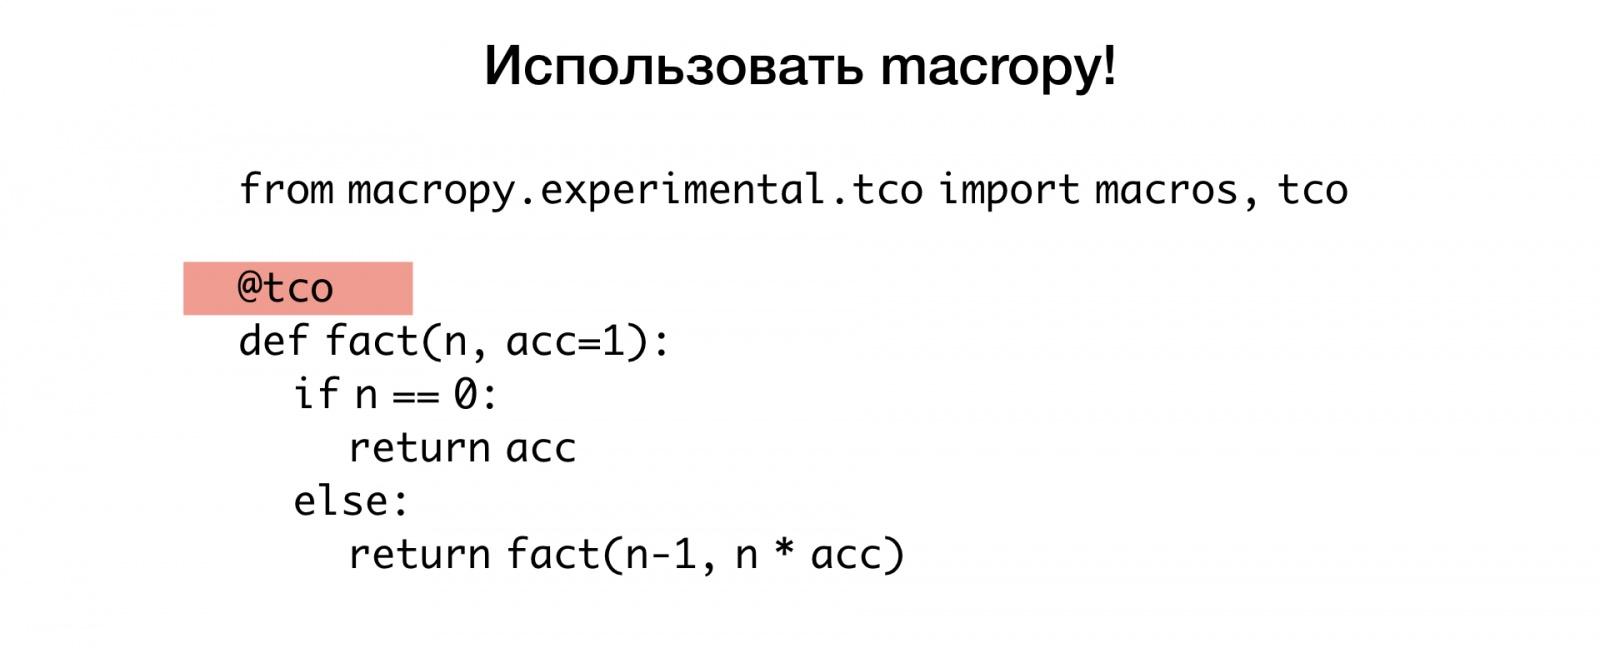 Макросы для питониста. Доклад Яндекса - 20